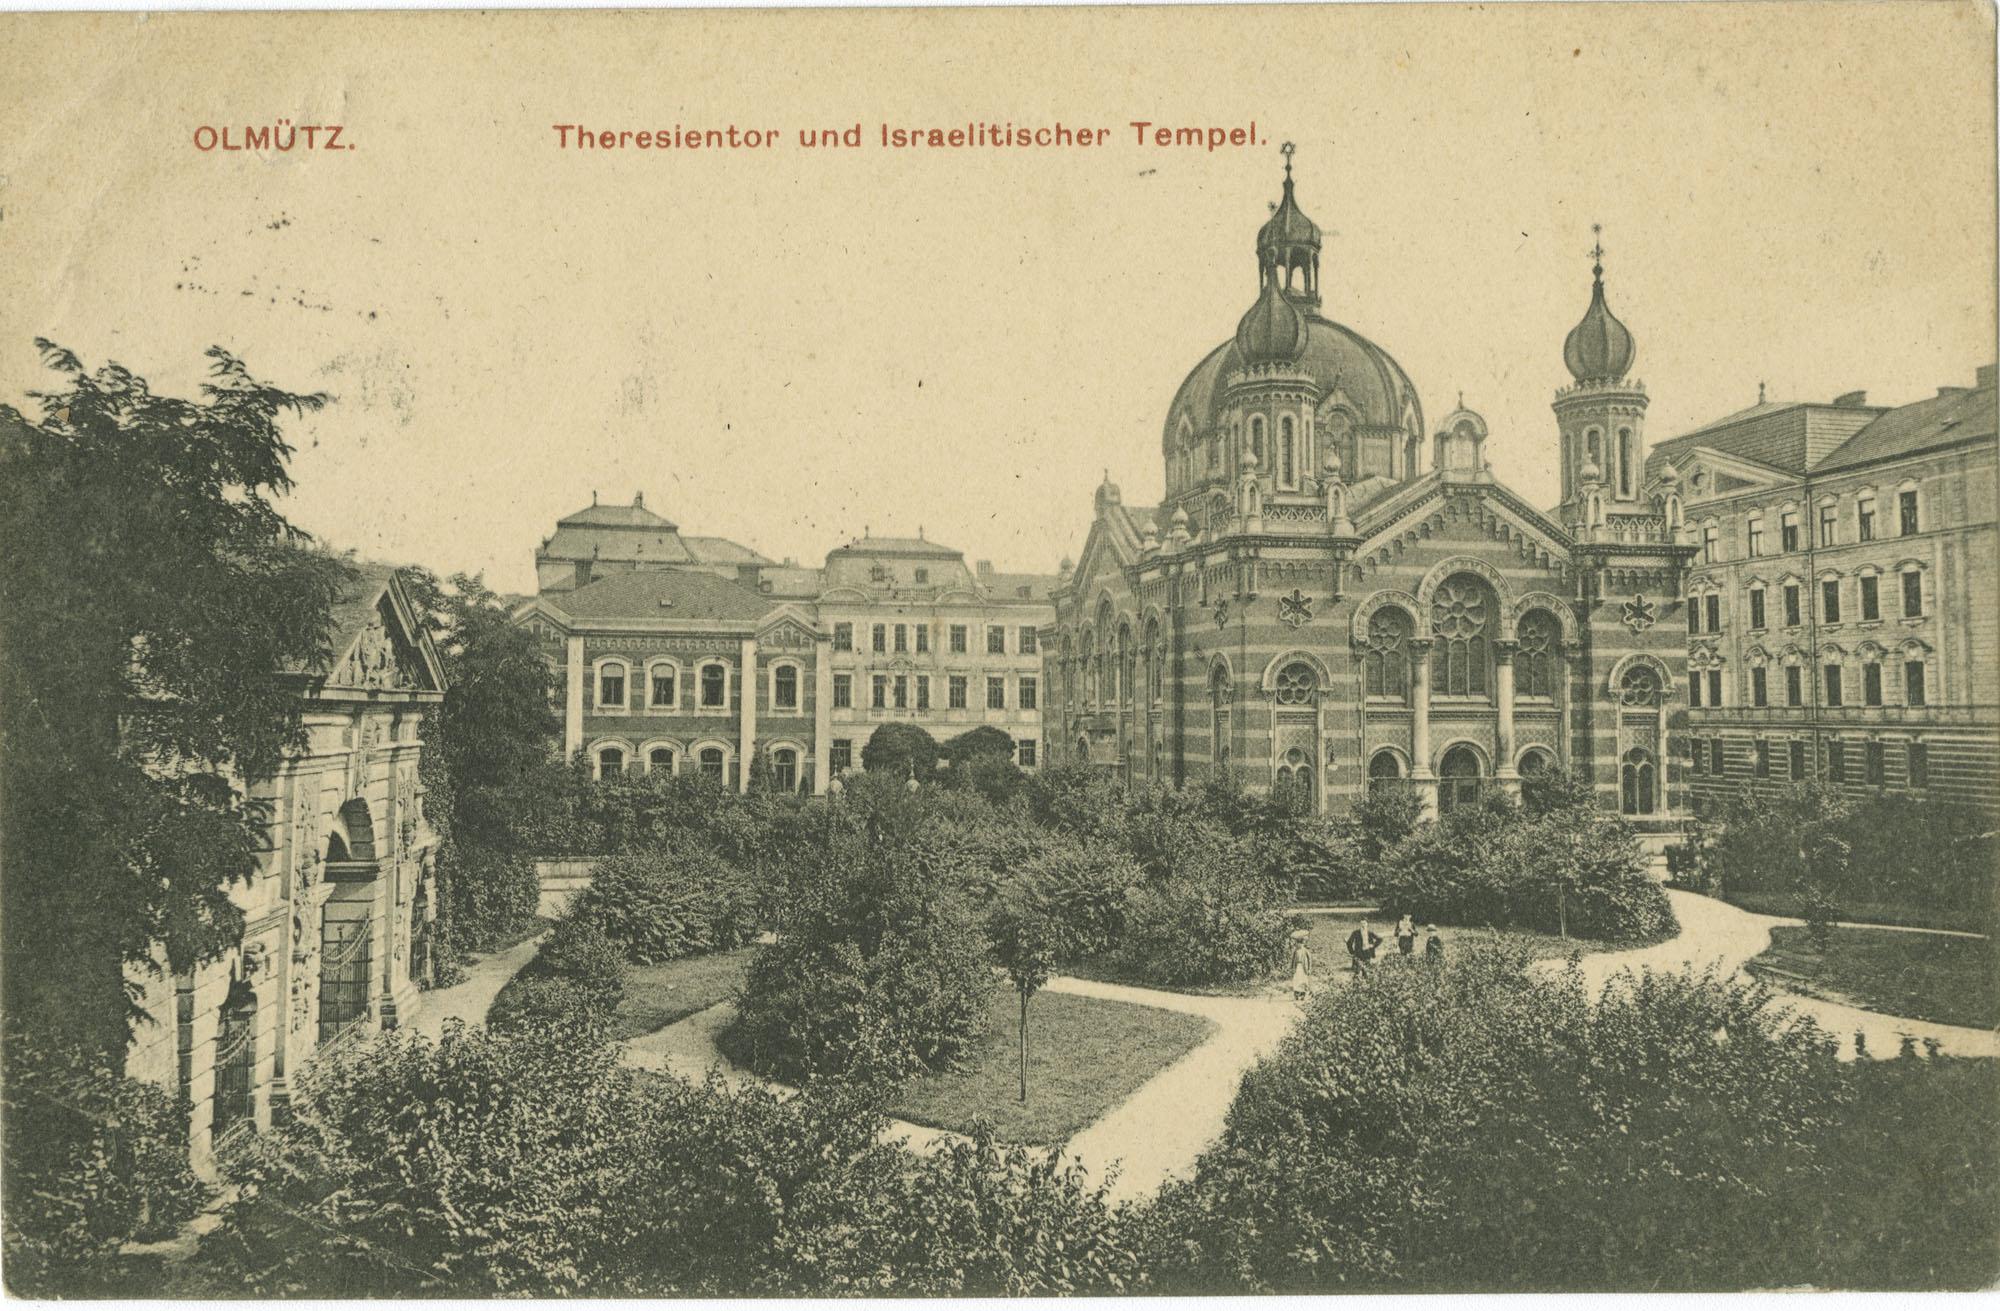 Olmütz. Theresientor und Israelitischer Tempel.